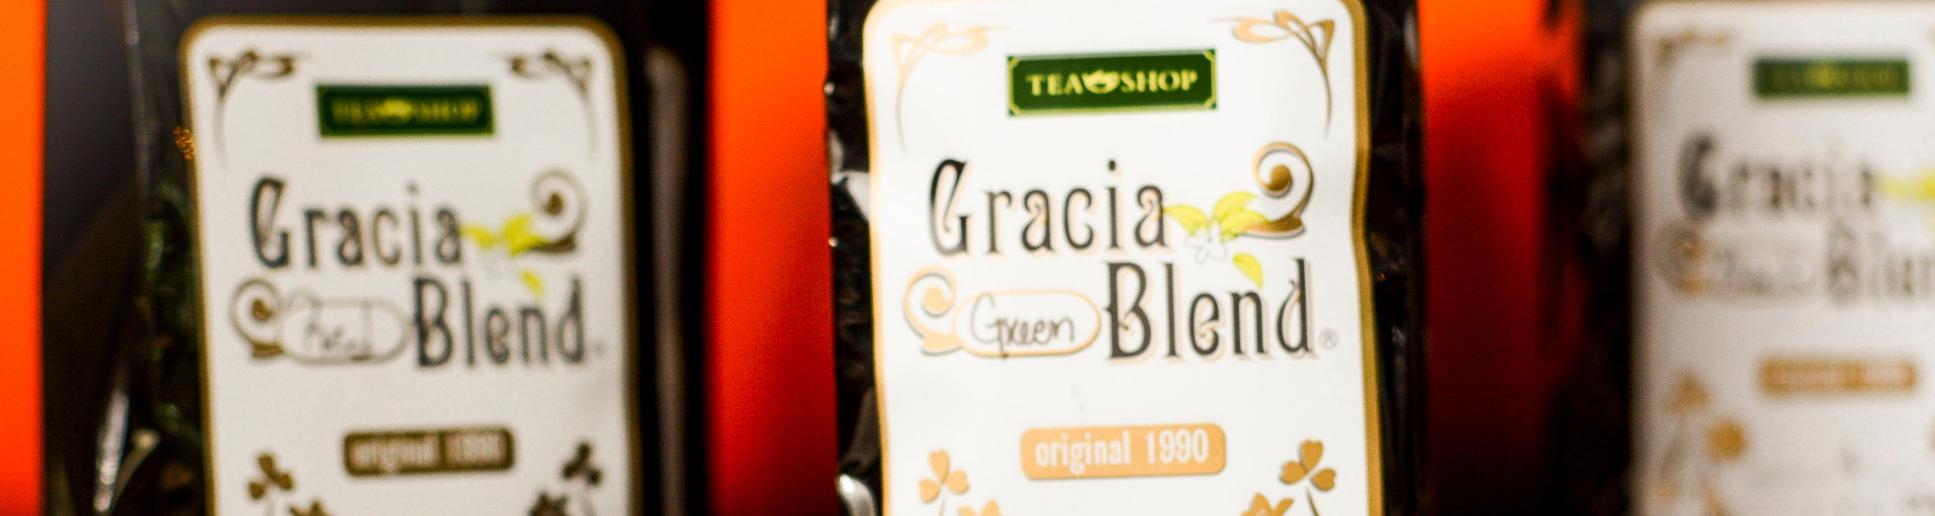 Gracia Blend Day (15/12): um dia para fazer o bem